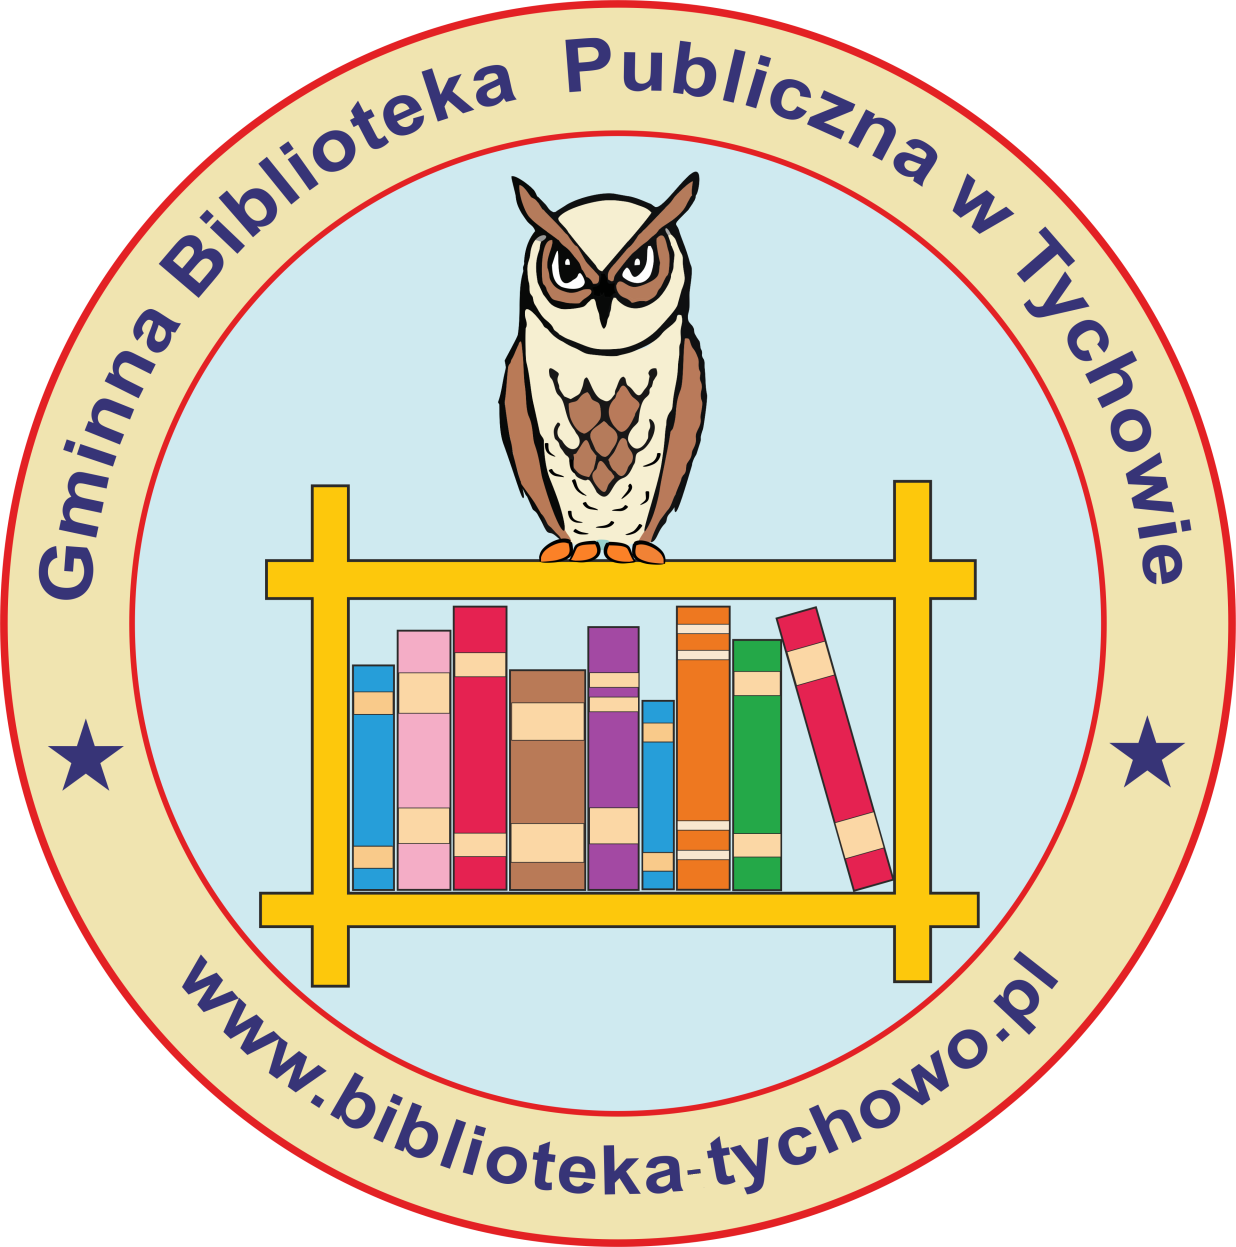 Bibliotek Tychowo